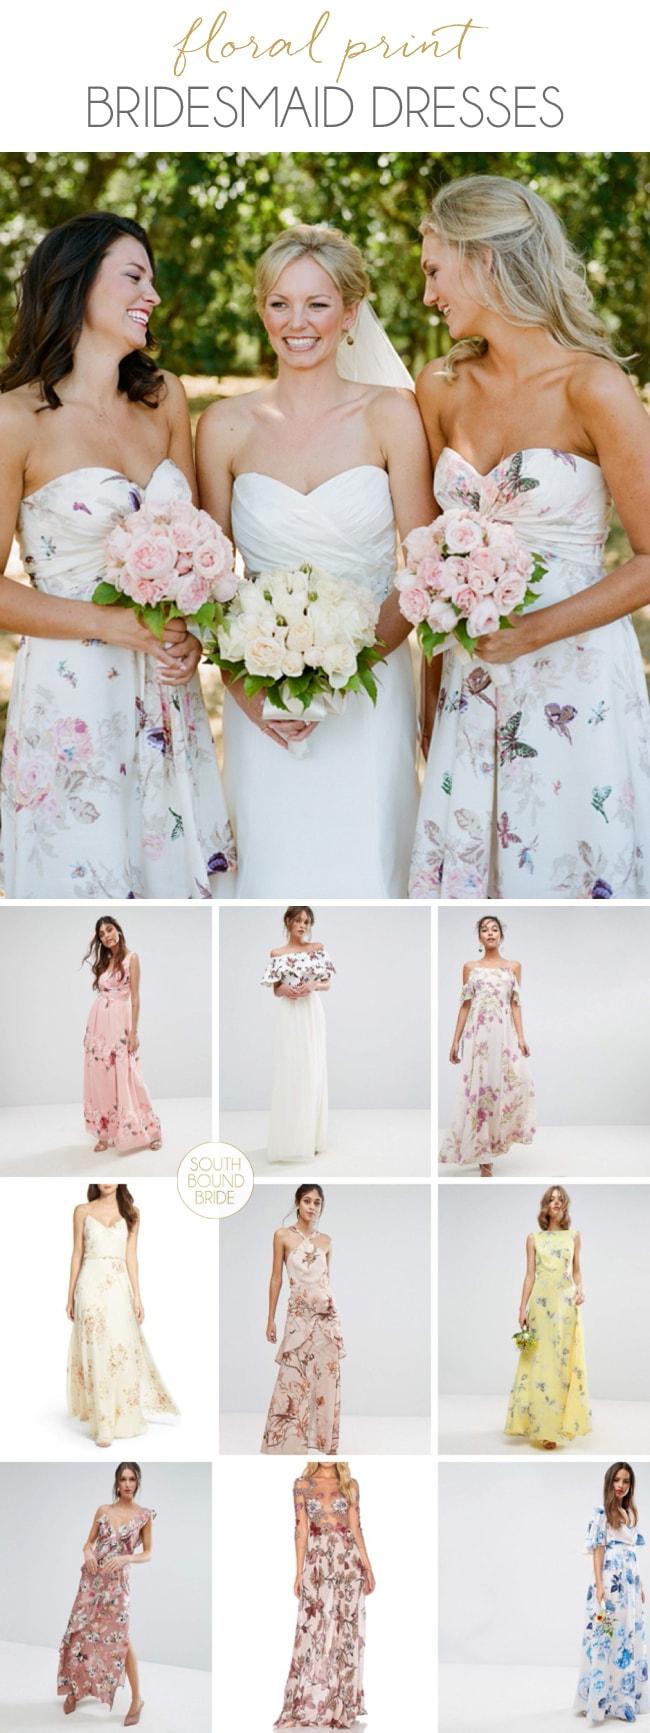 Floral Print Bridesmaid Dresses | SouthBound Bride